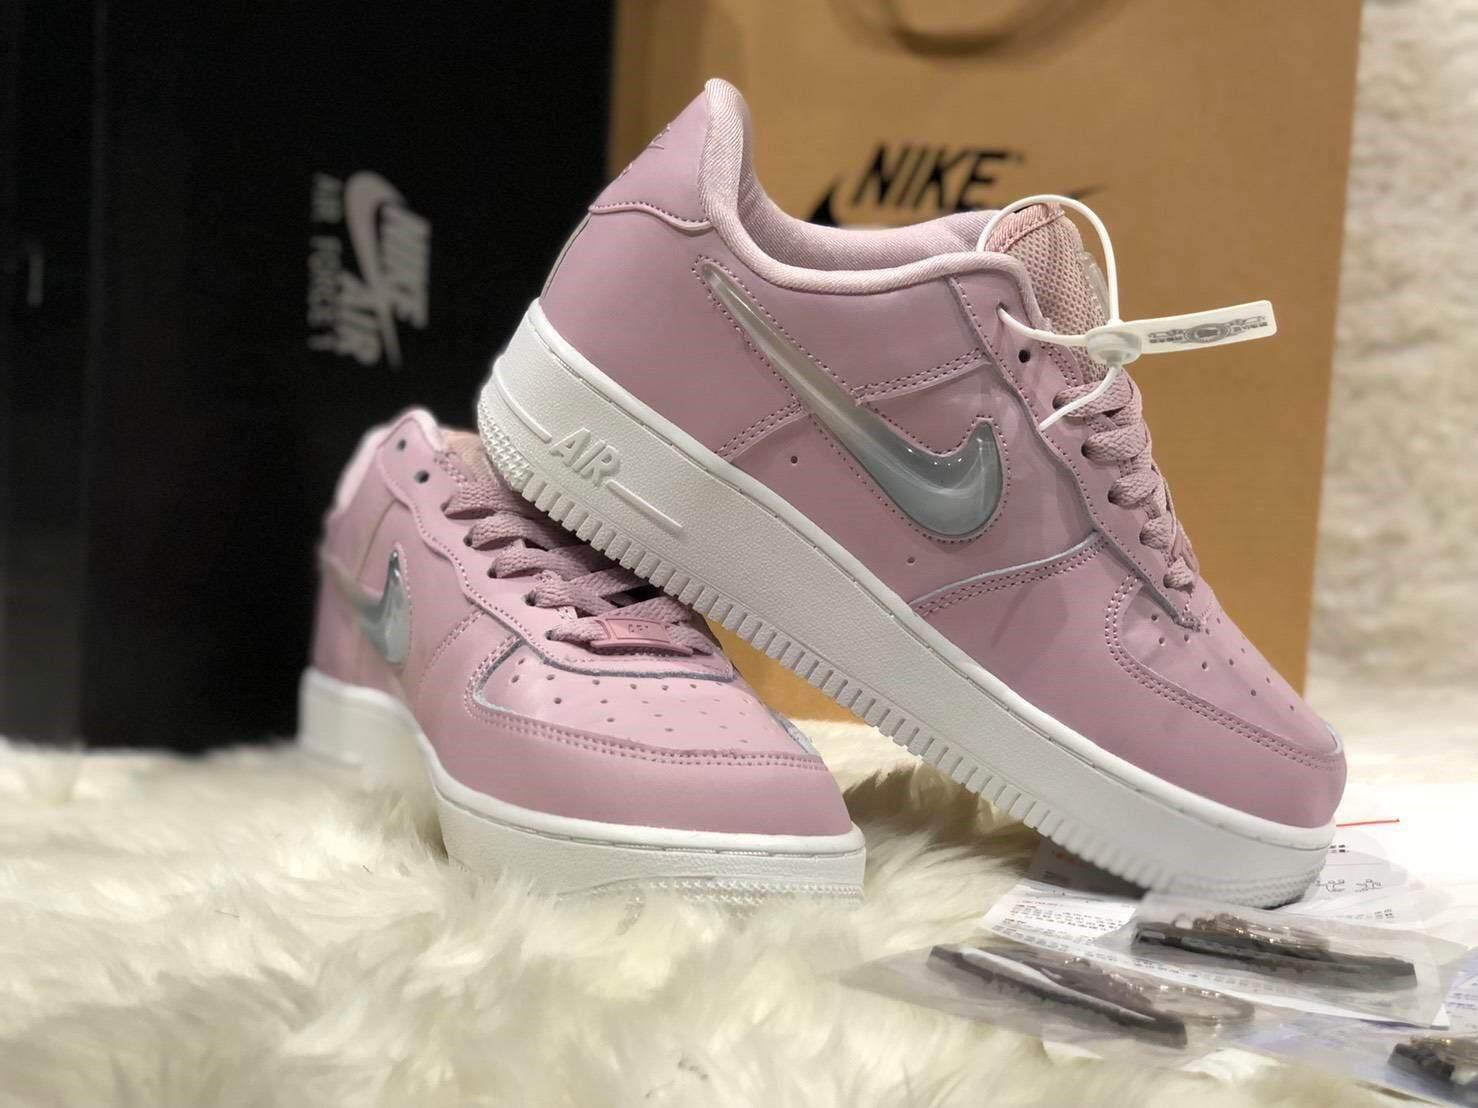 ยี่ห้อนี้ดีไหม  หนองบัวลำภู รองเท้้าผ้าใบNIKEยอดนิยมทันสมัยรองเท้าผู้หญิง สินค้าจริงตรงตามภาพที่แสดง